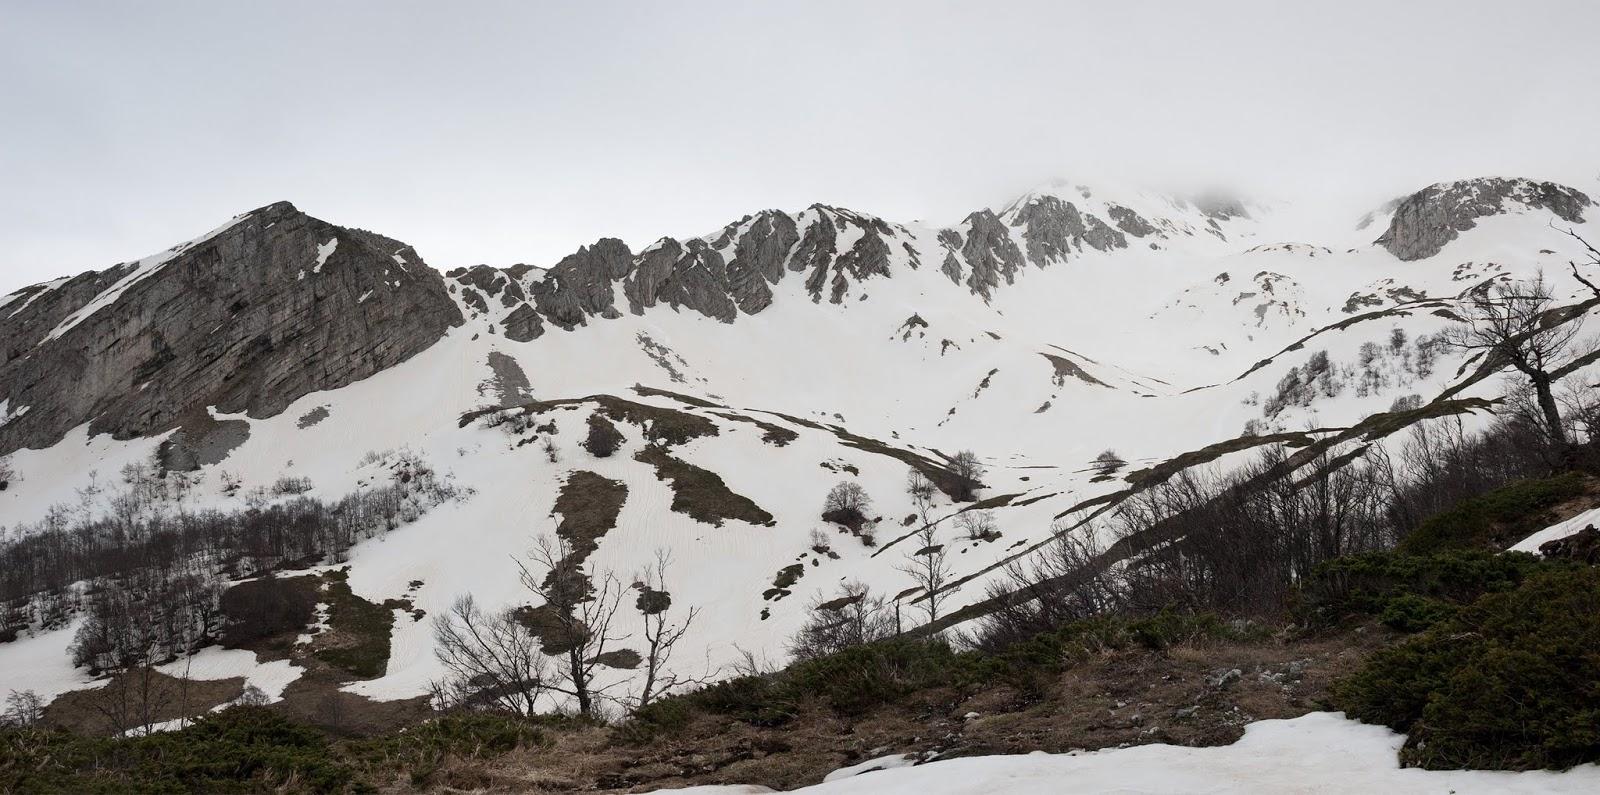 Iaccetto di Pezza, Valle Cerchiata